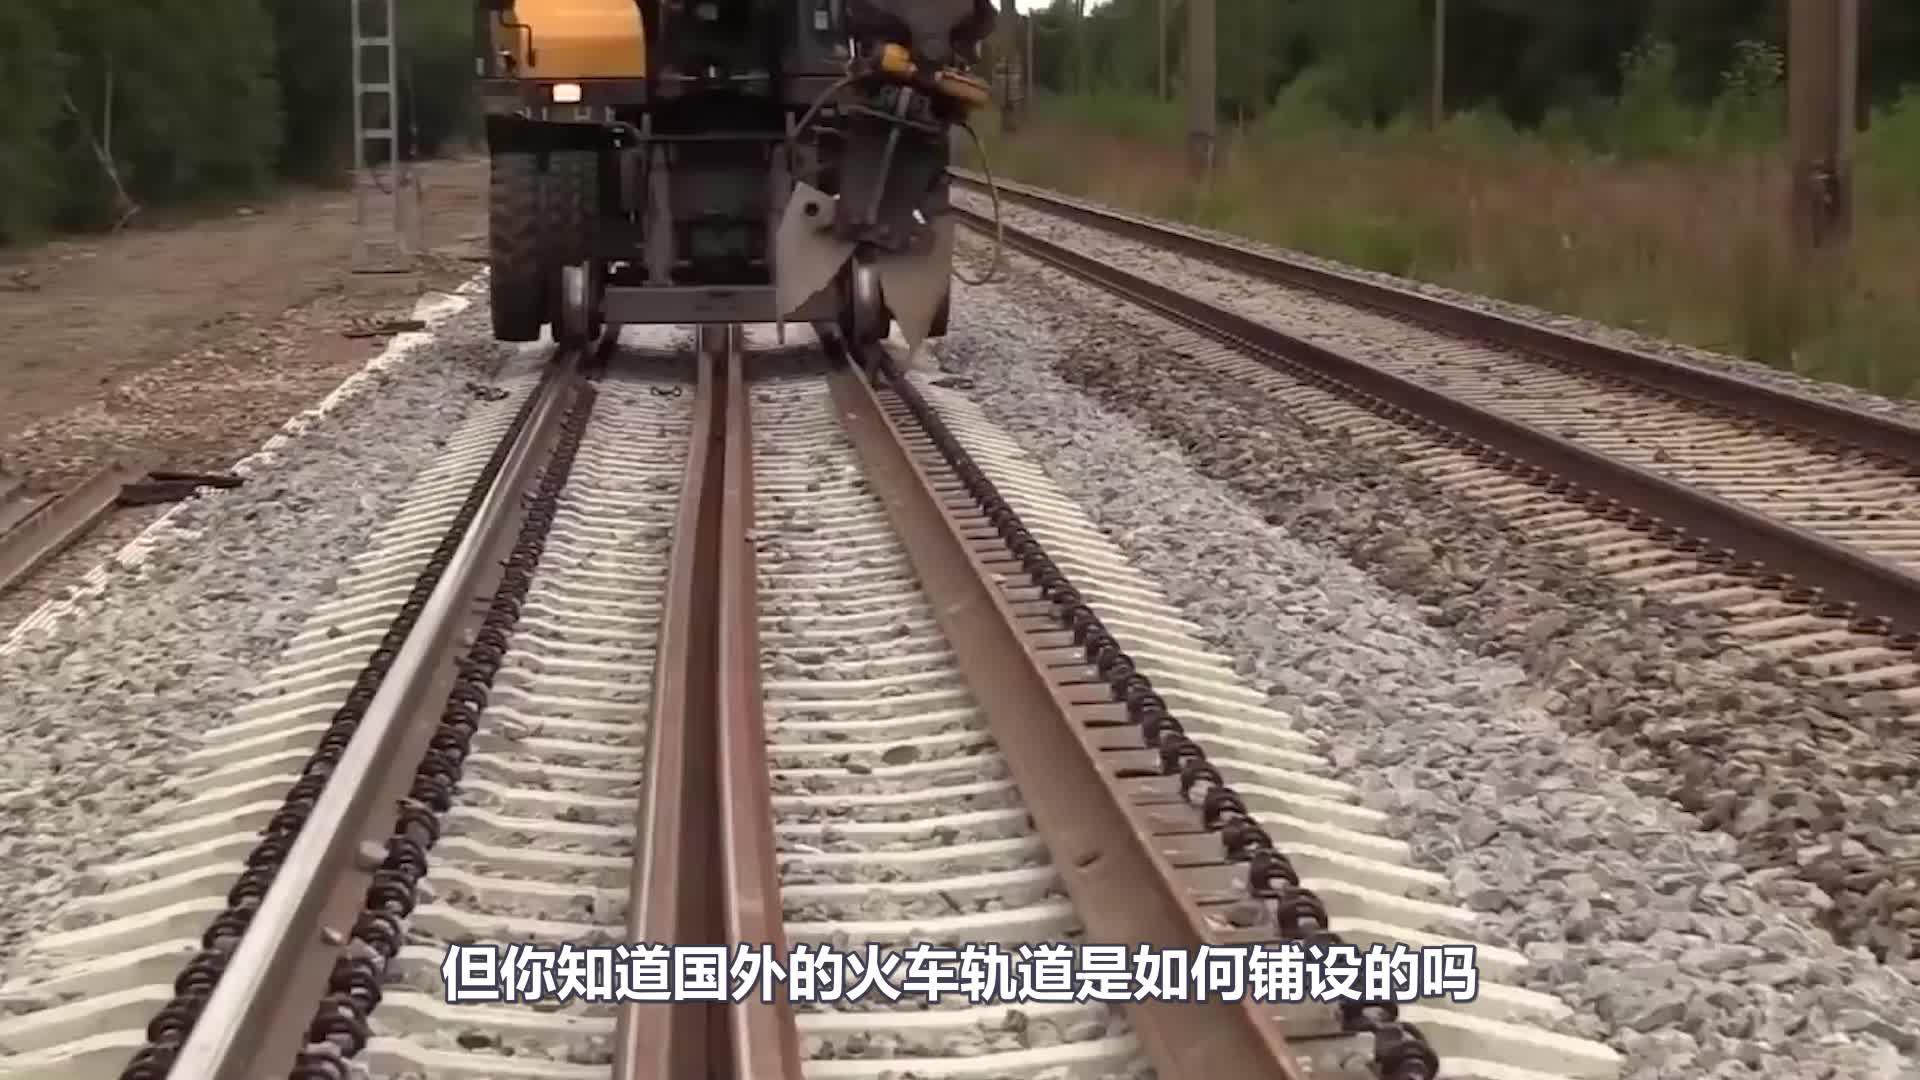 国外的火车轨道铺设实拍,铁轨软得跟面条一样,第一次看见这样的